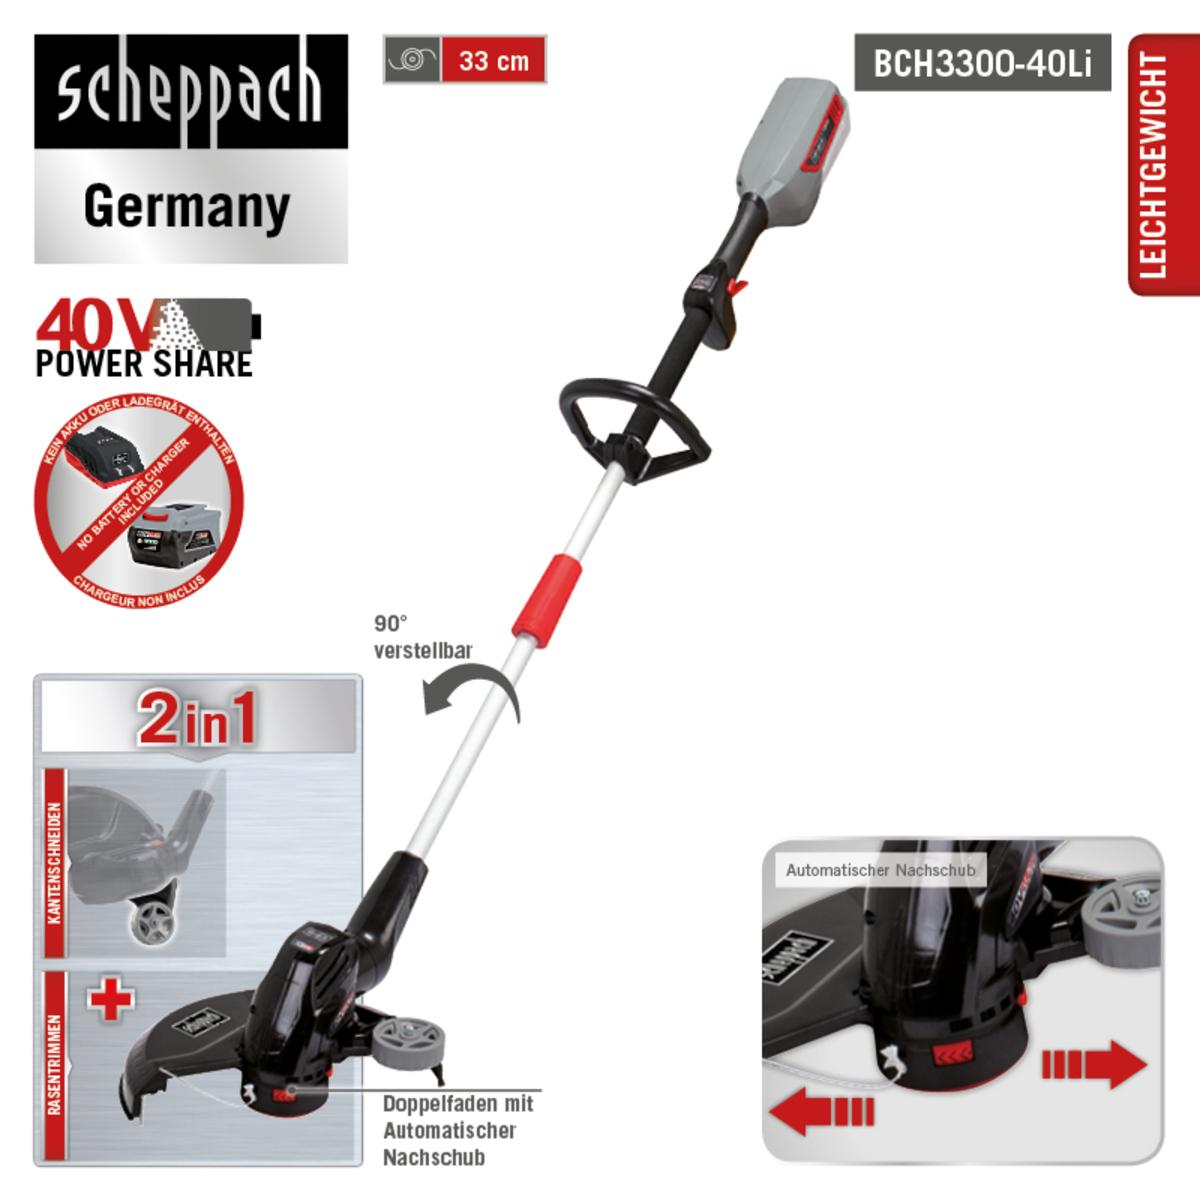 Bild 5 von Scheppach Akku-Rasentrimmer BCH3300-40Li